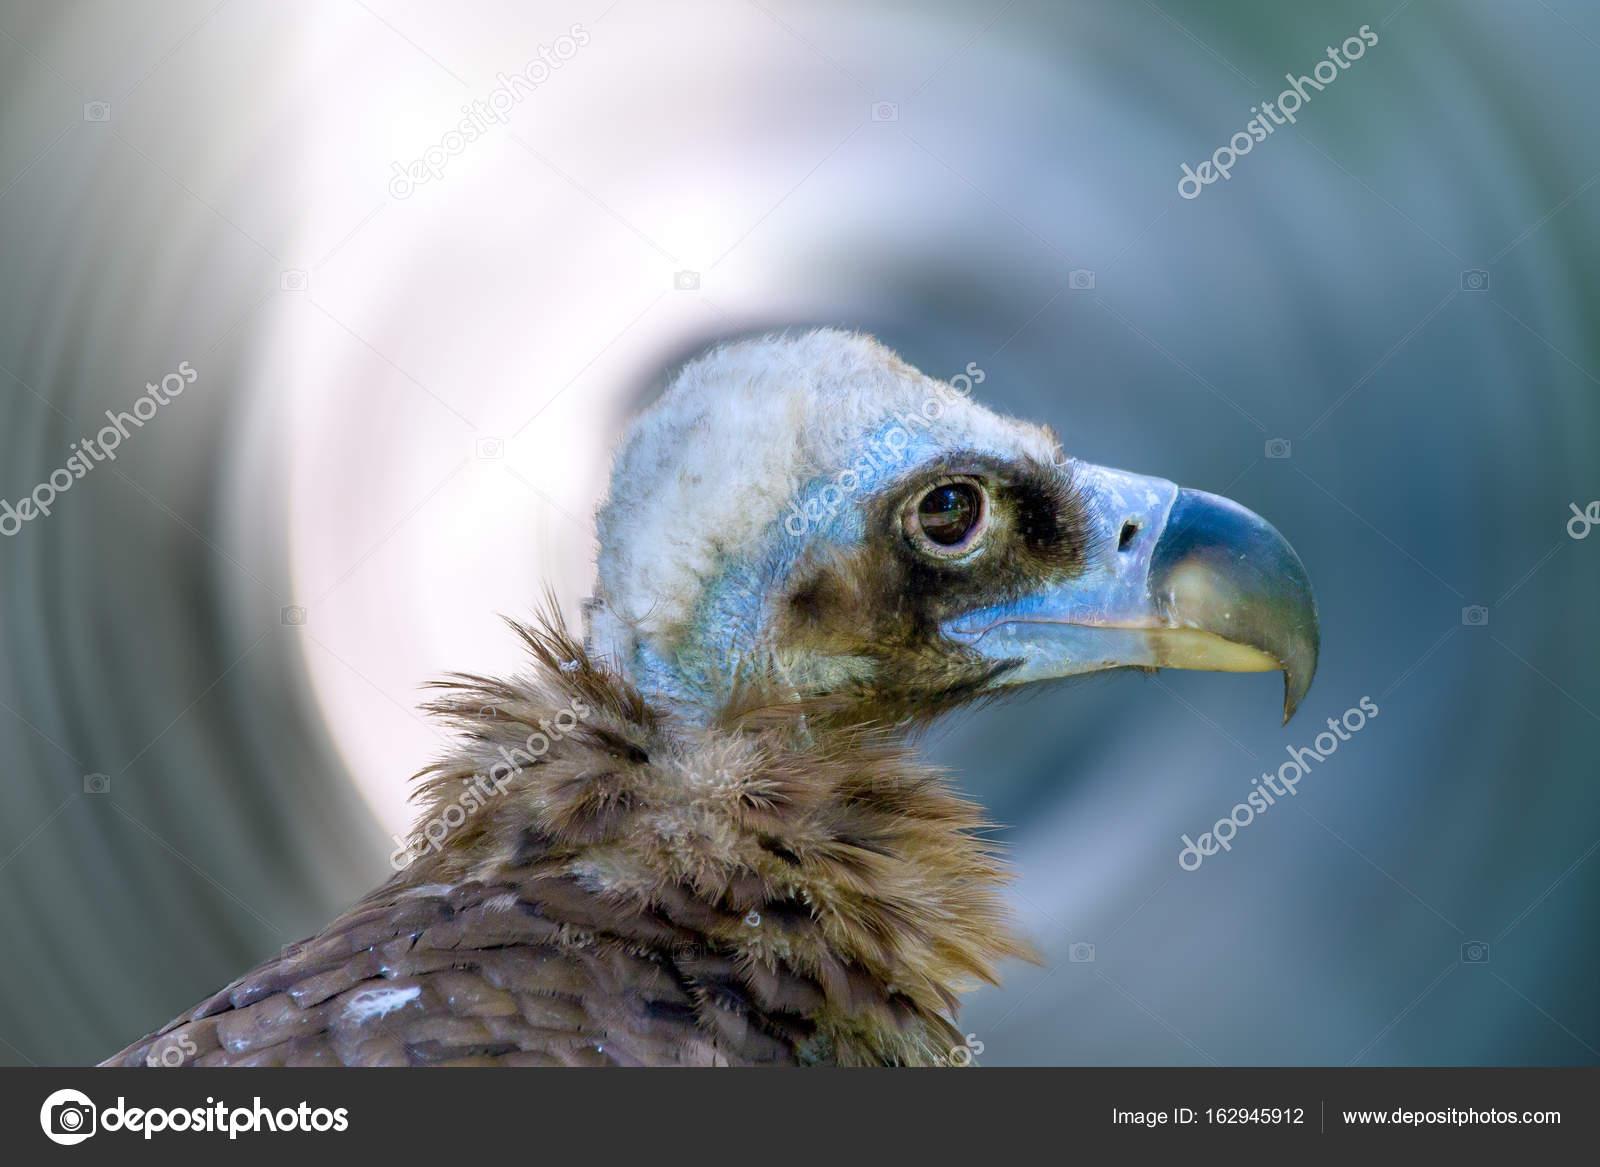 Μεγάλο μαύρο πουλί του προσώπου